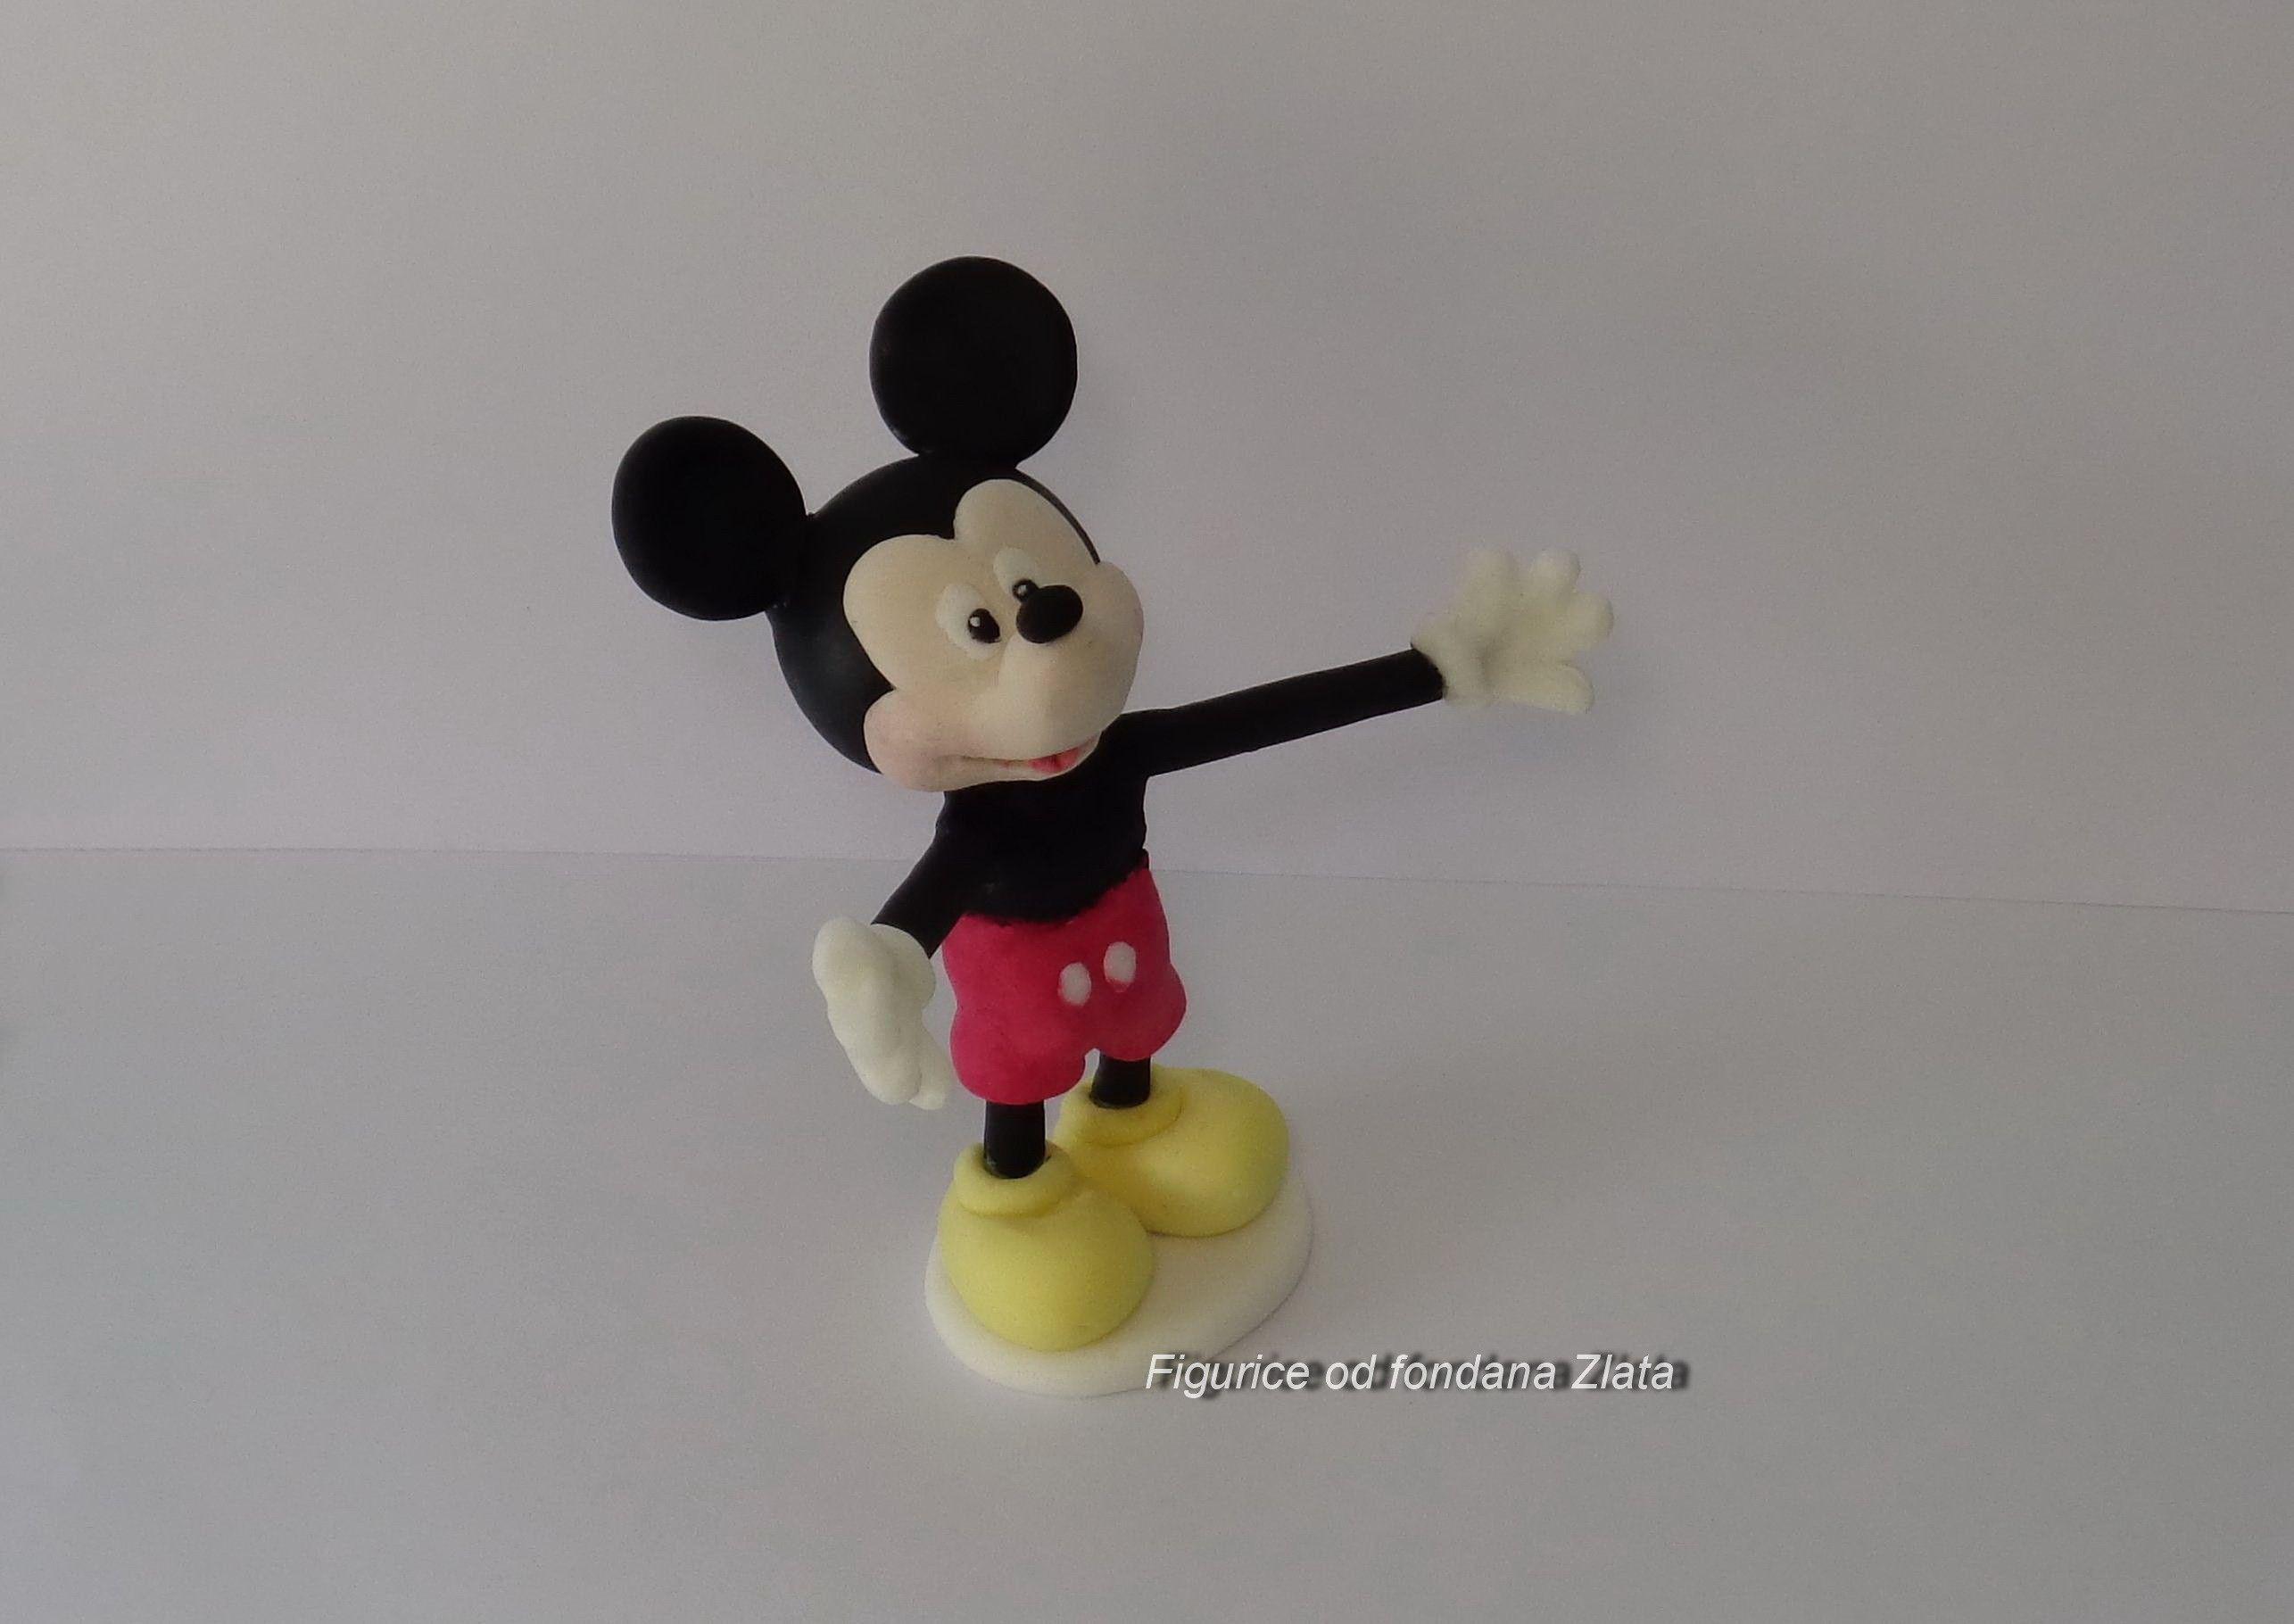 Minnie Maus Malvorlagen Genial Minnie Mouse Malvorlagen Best 35 Minnie Mouse Baby Ausmalbilder Sammlung